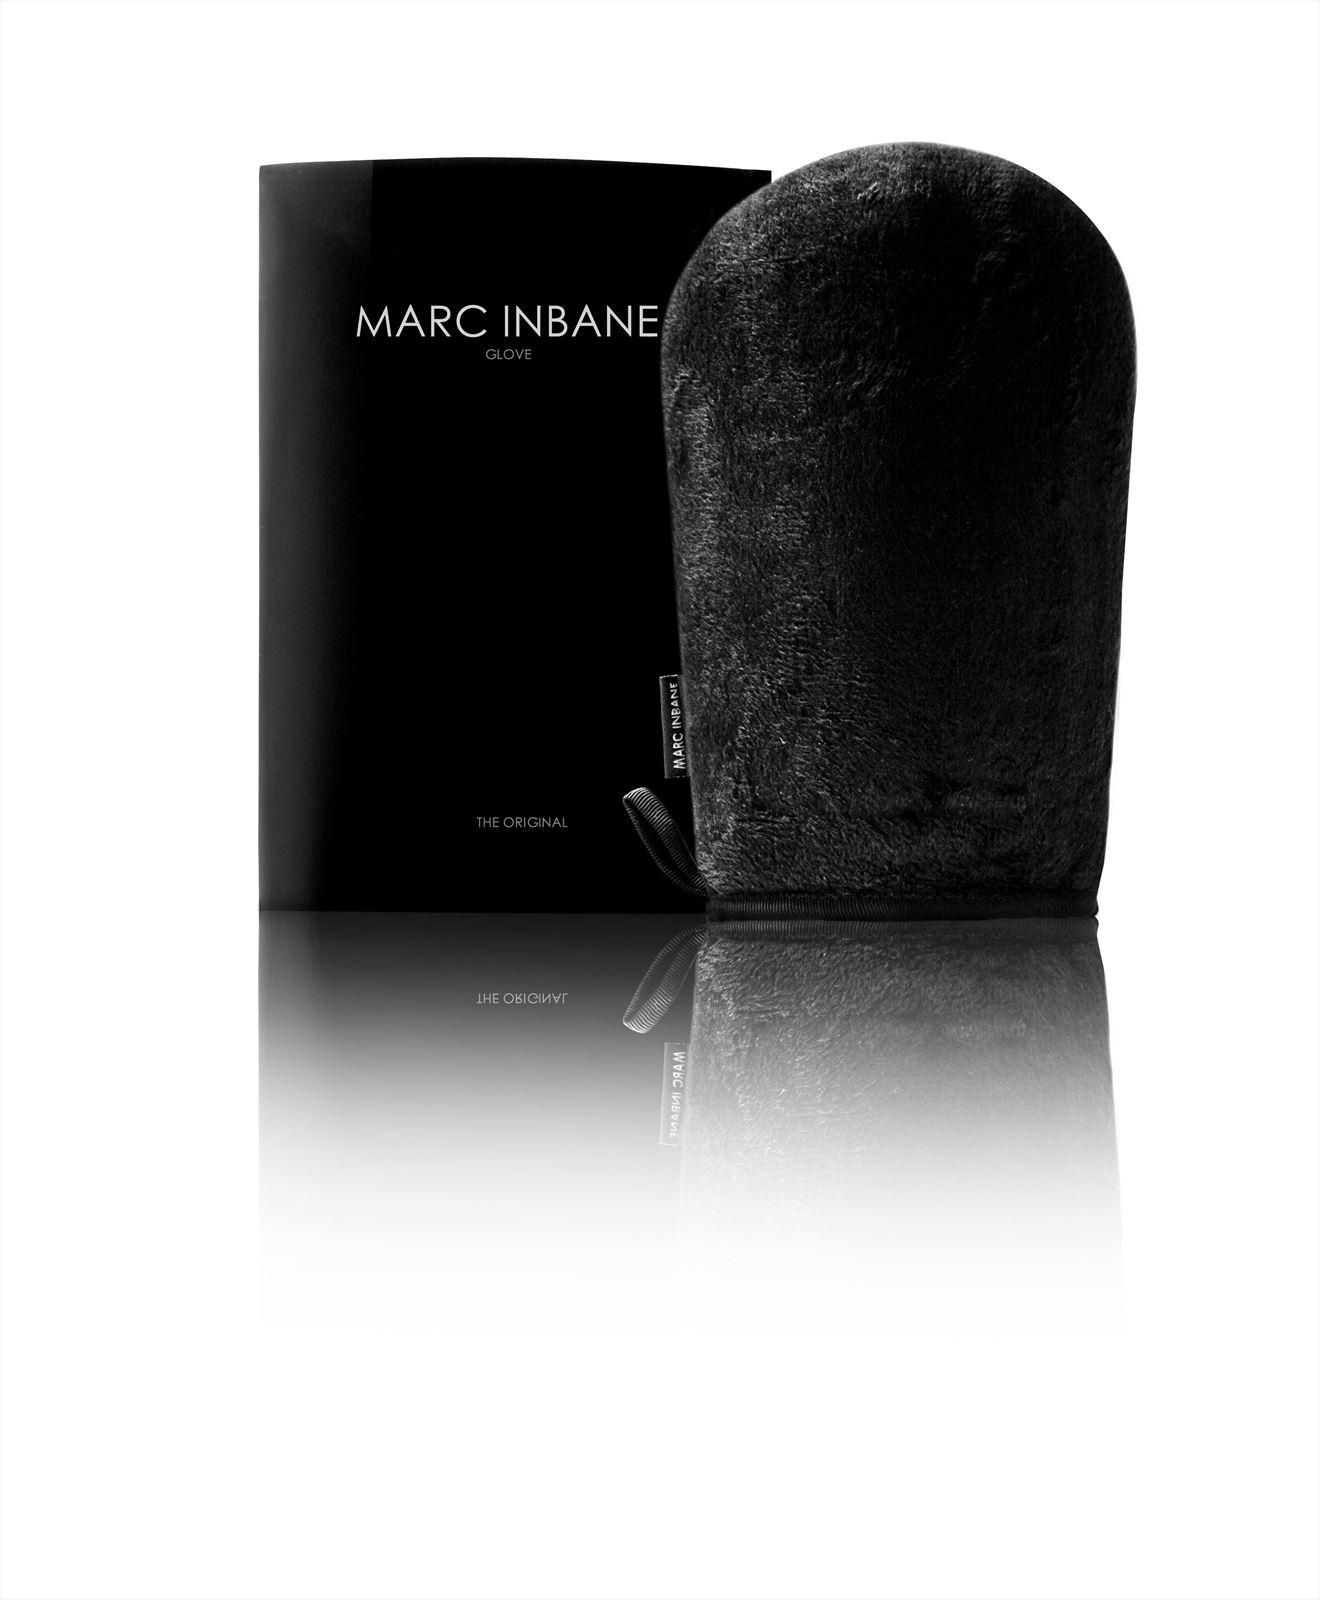 Afbeelding van Marc Inbane - Glove